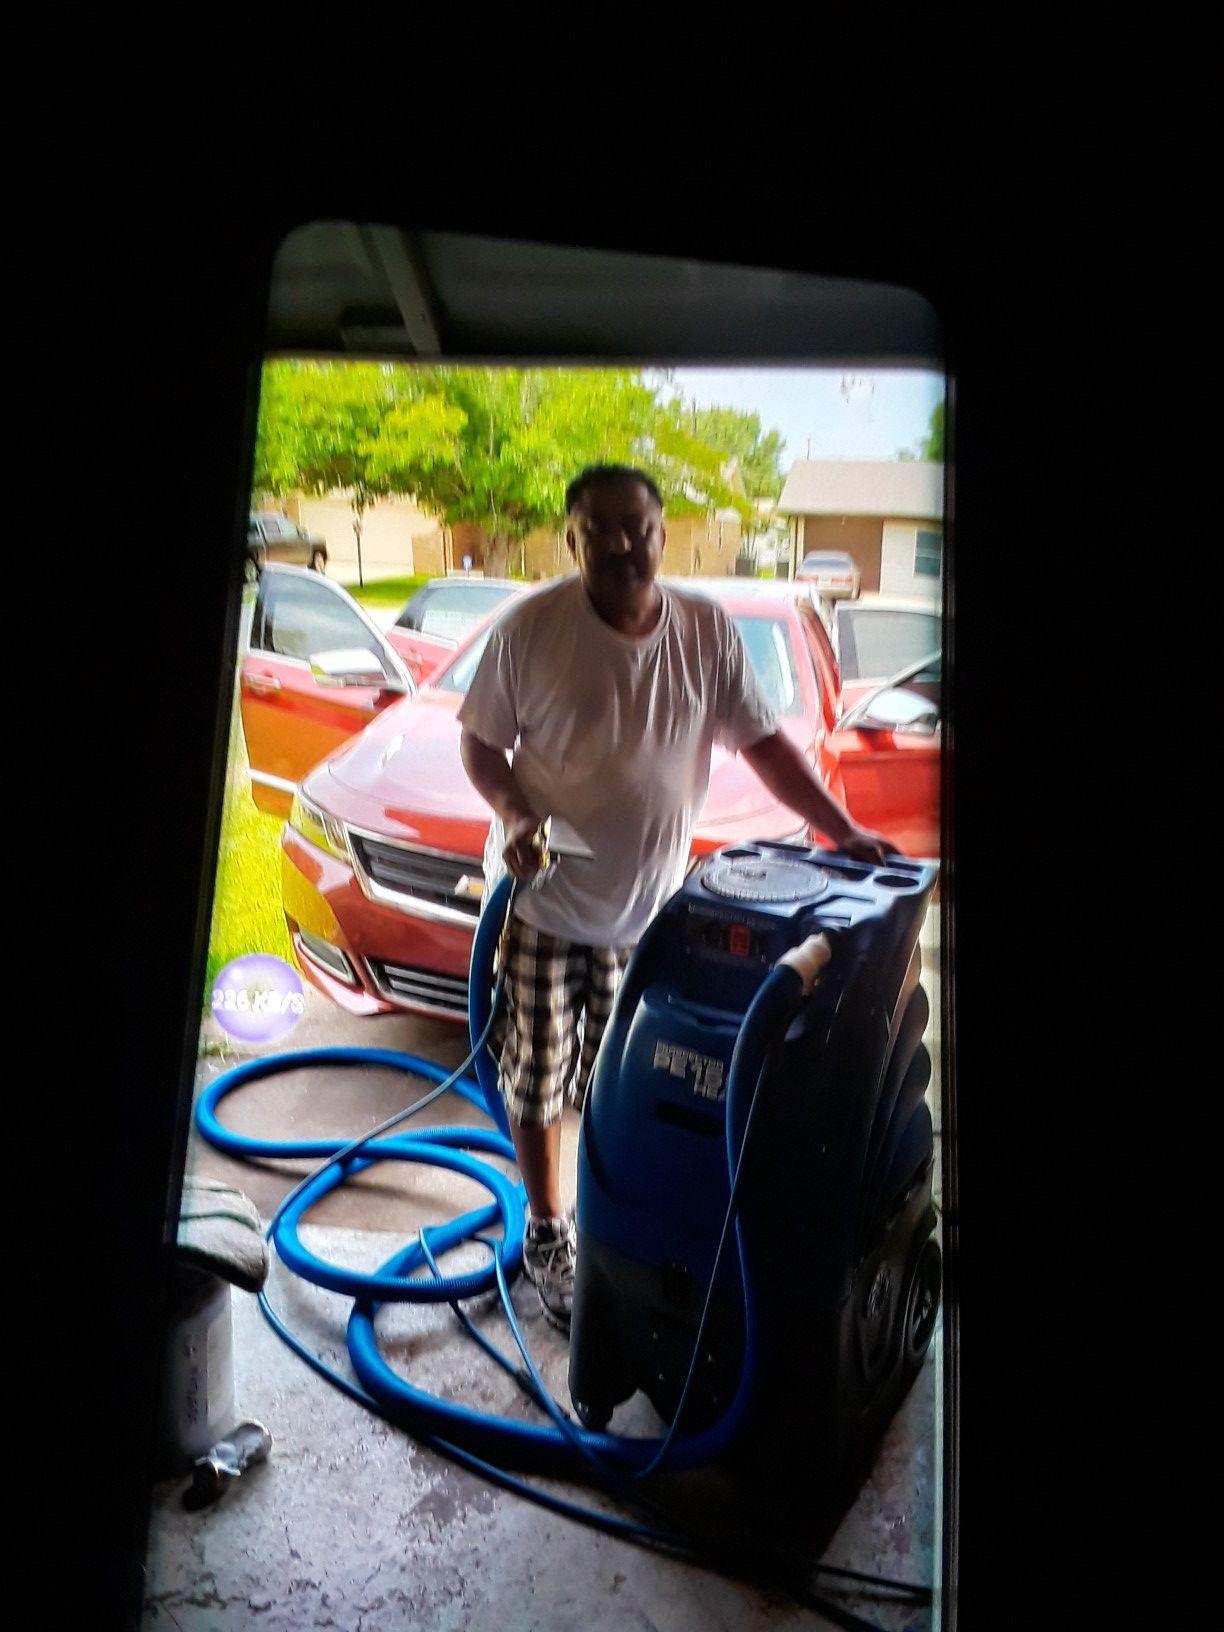 Limpio carro y troca Deteil completo